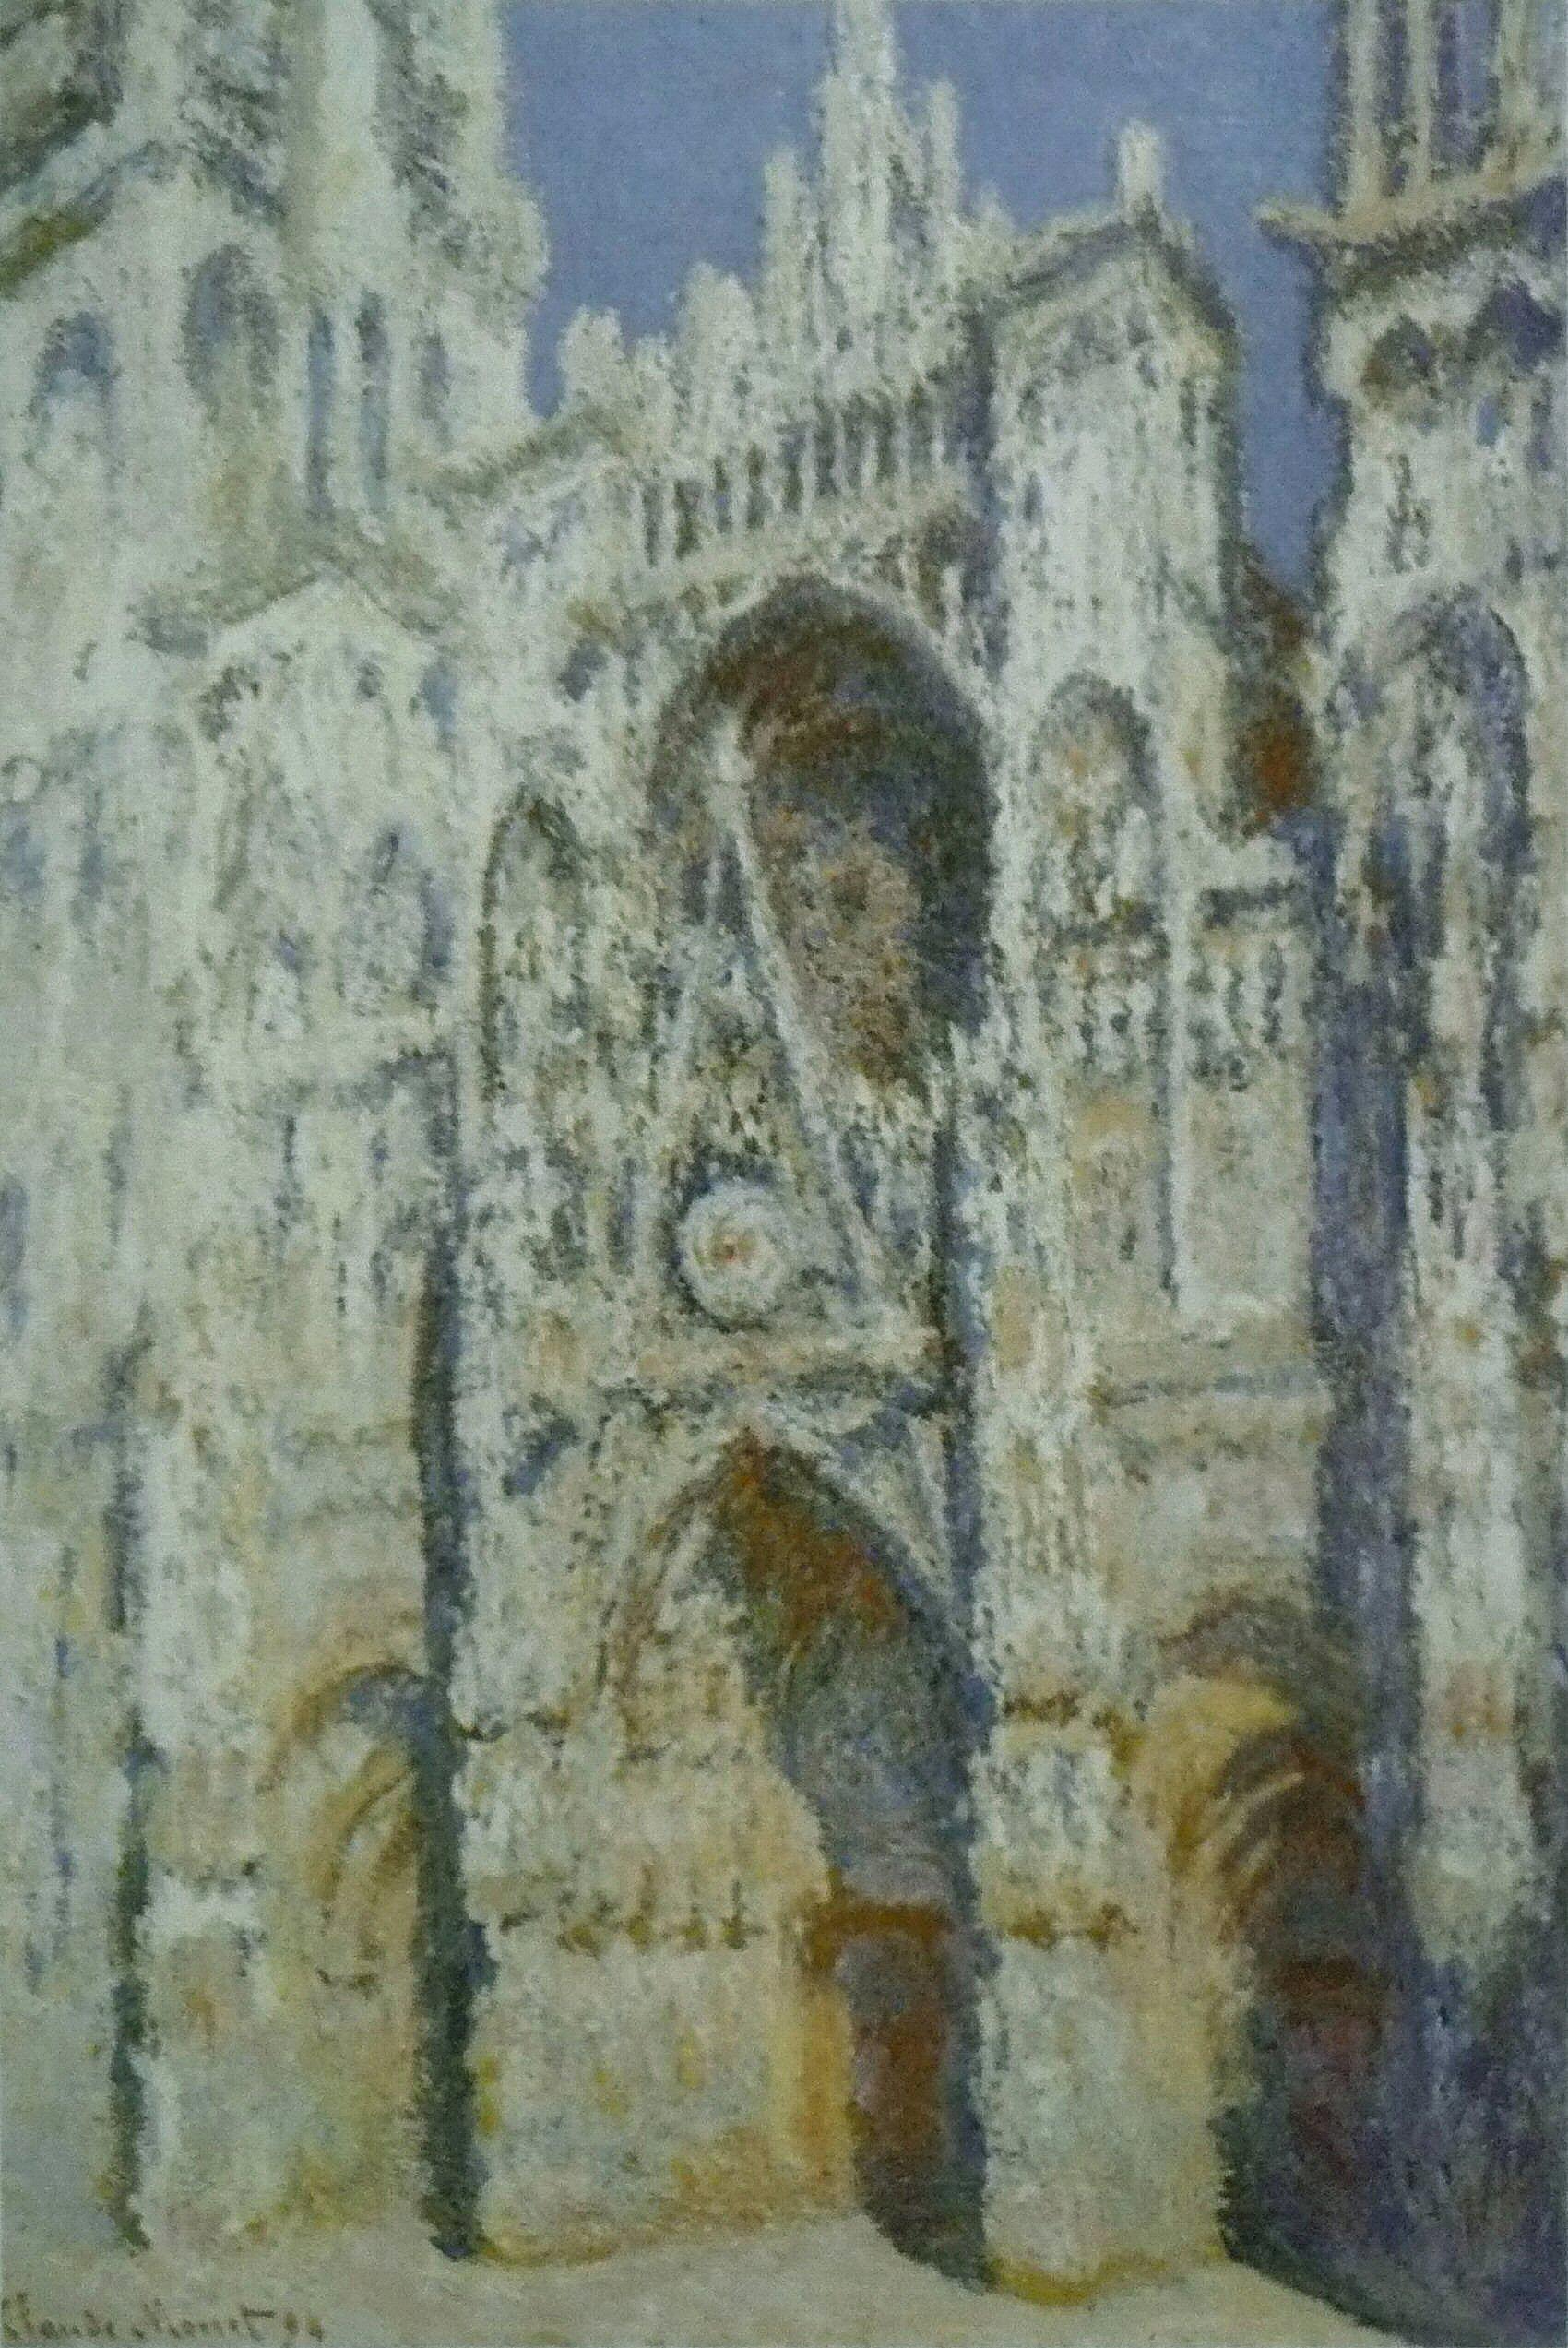 ON THE WAYClaude_Monet_-_Cathédrale_de_Rouen._Harmonie_bleue_et_or